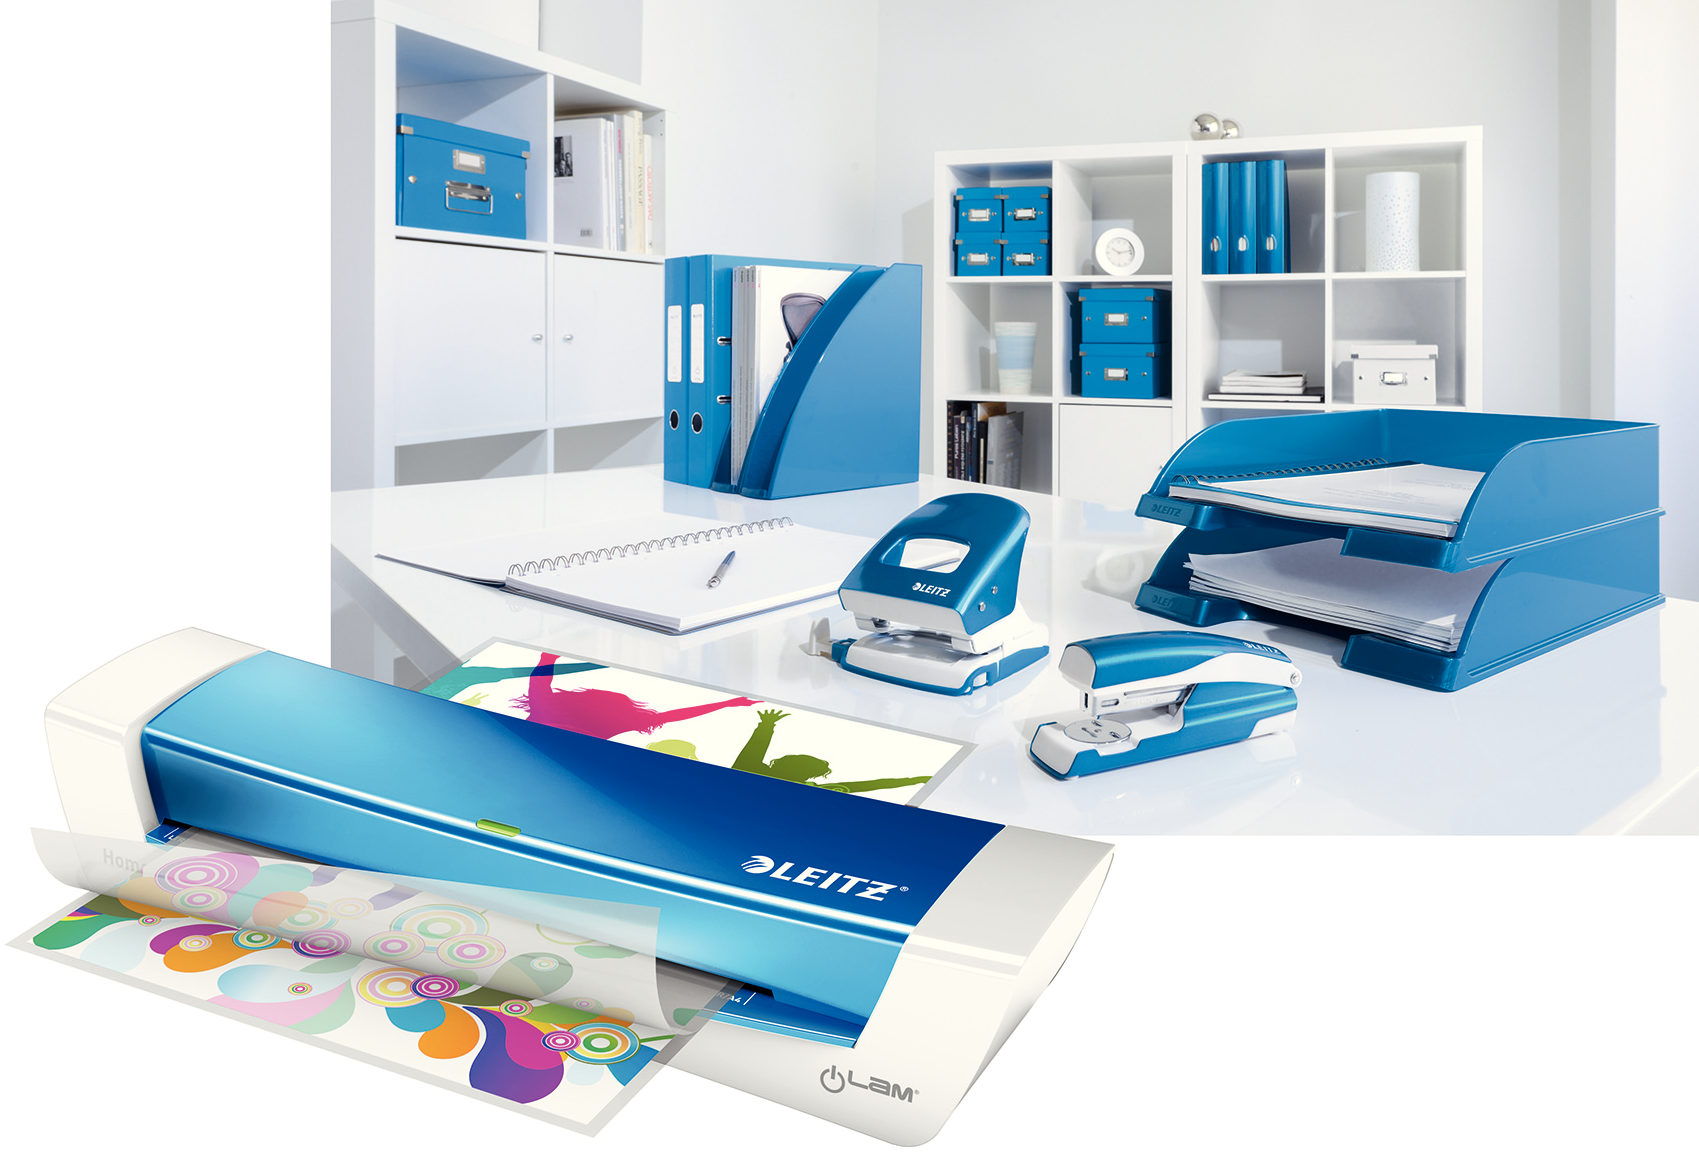 La Plastifieuse A4 Ilam Home Office bLEU métallisé est une machine à plastifier A4 moderne et rapide